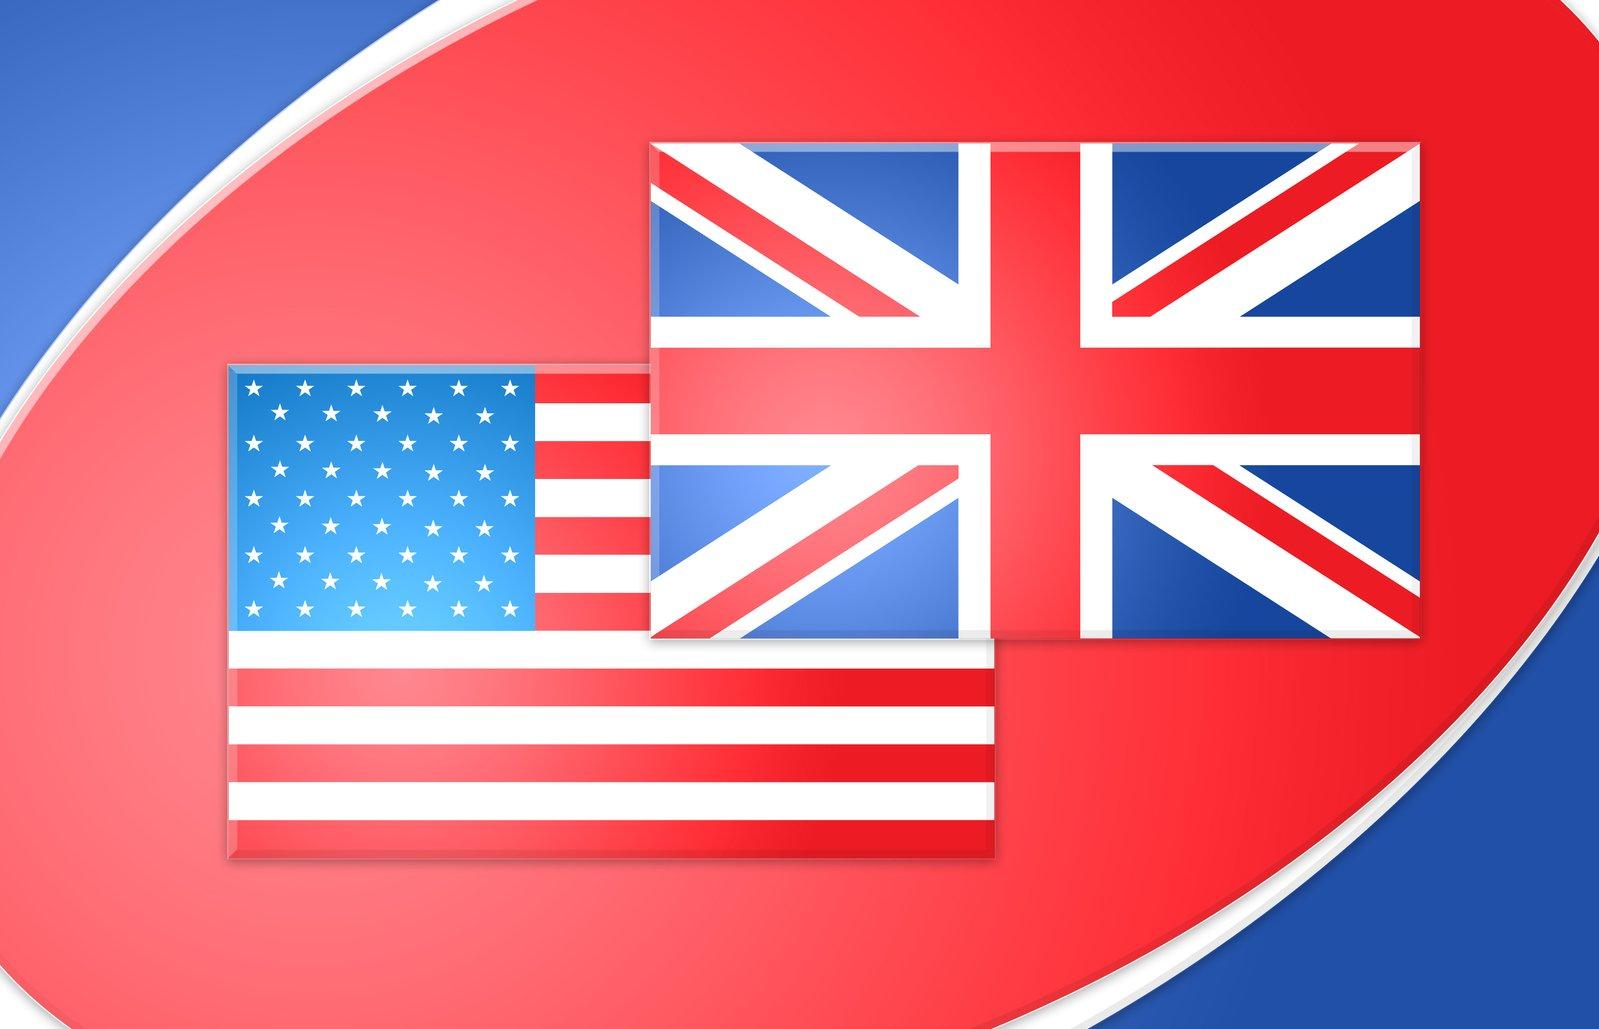 logo 标识 标志 旗 旗帜 旗子 设计 图标 1599_1029